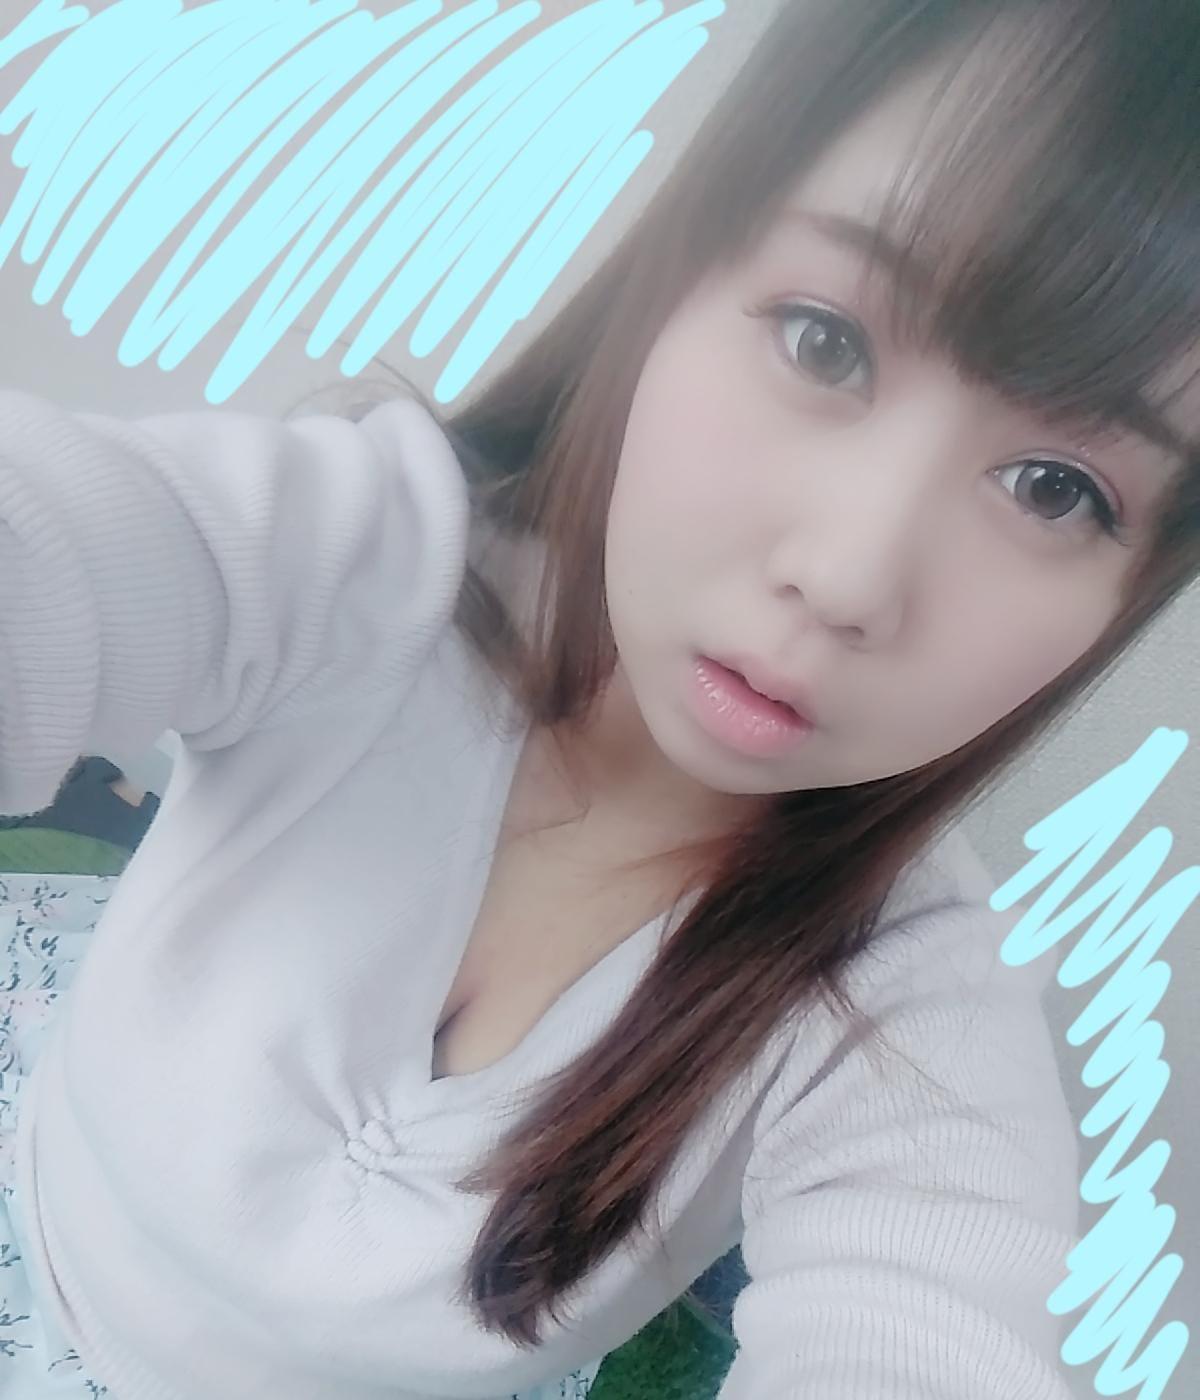 津田 ミミ「ミミ★」12/12(水) 11:39 | 津田 ミミの写メ・風俗動画